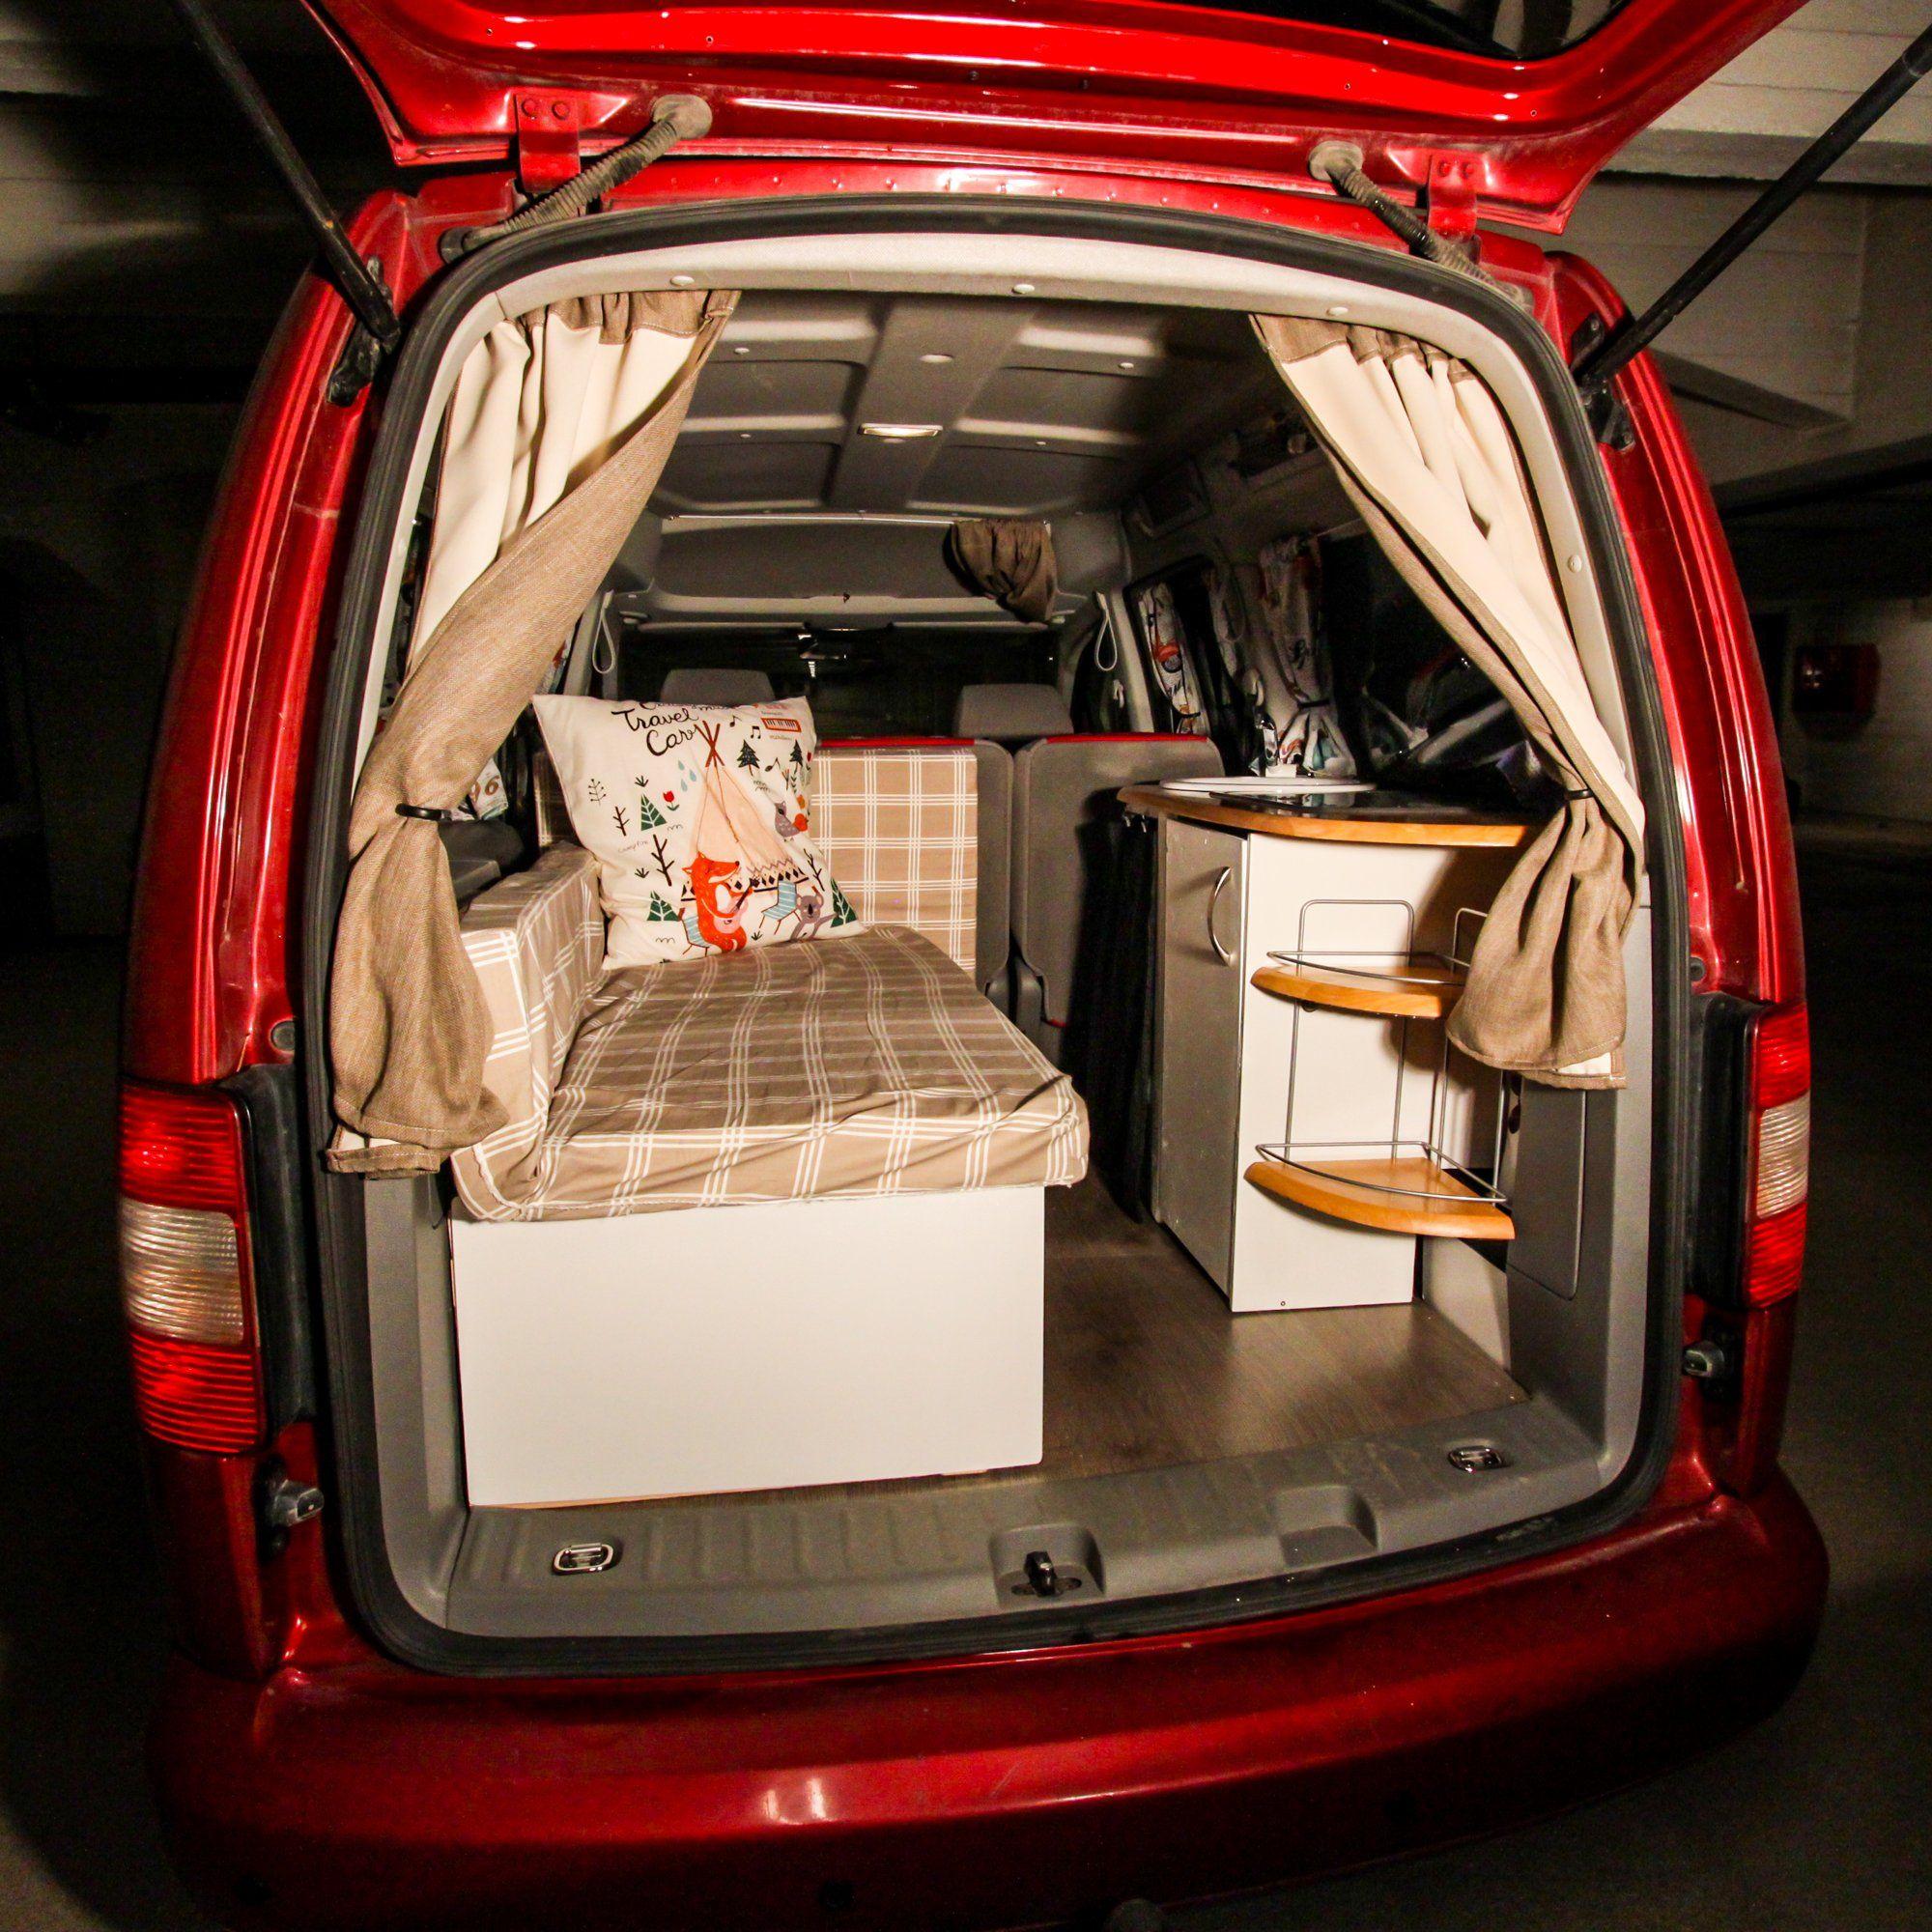 Vw Caddy Maxi Camper Van Vw Caddy Maxi Caddy Maxi Minivan